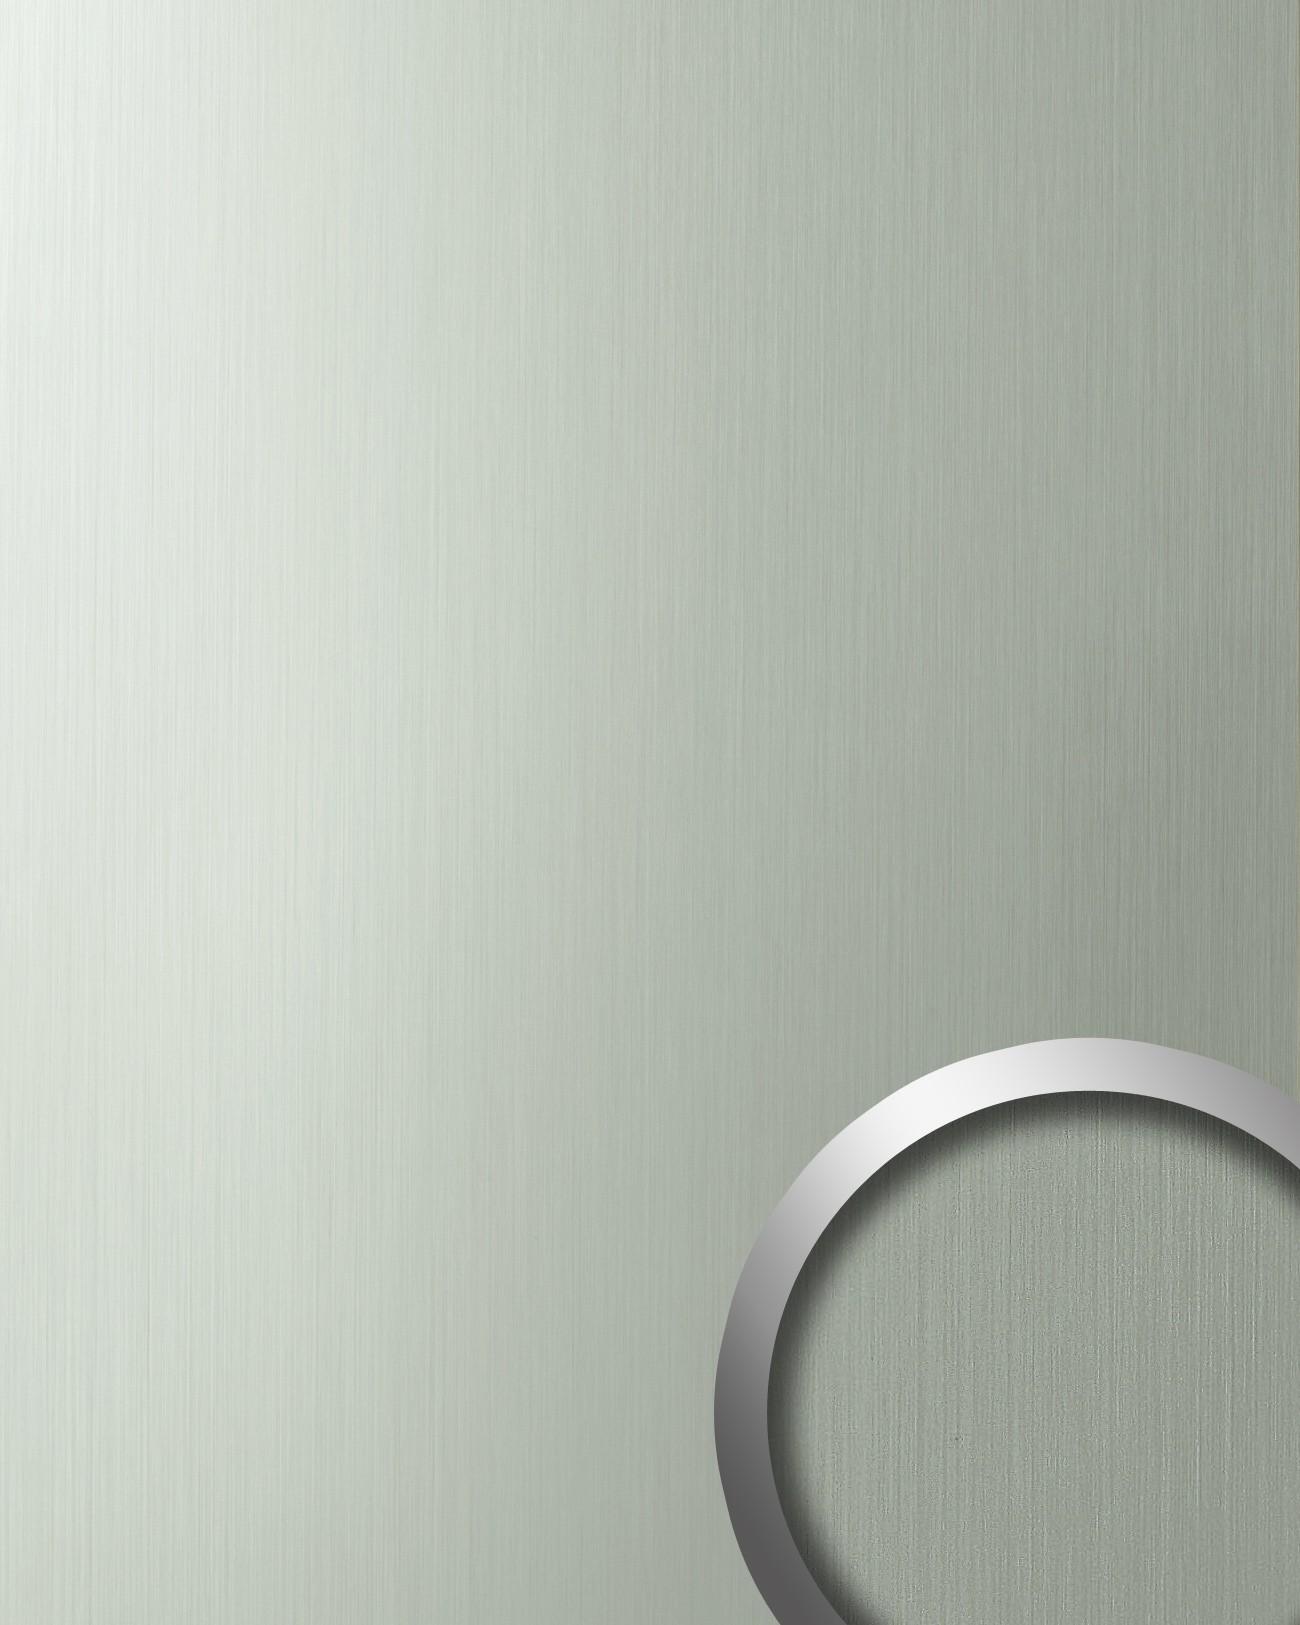 Wandbekleding zelfklevend roestvrij staal wallface 10199 deco hgs look inox staal grijs - Wandbekleding keuken roestvrij staal ...